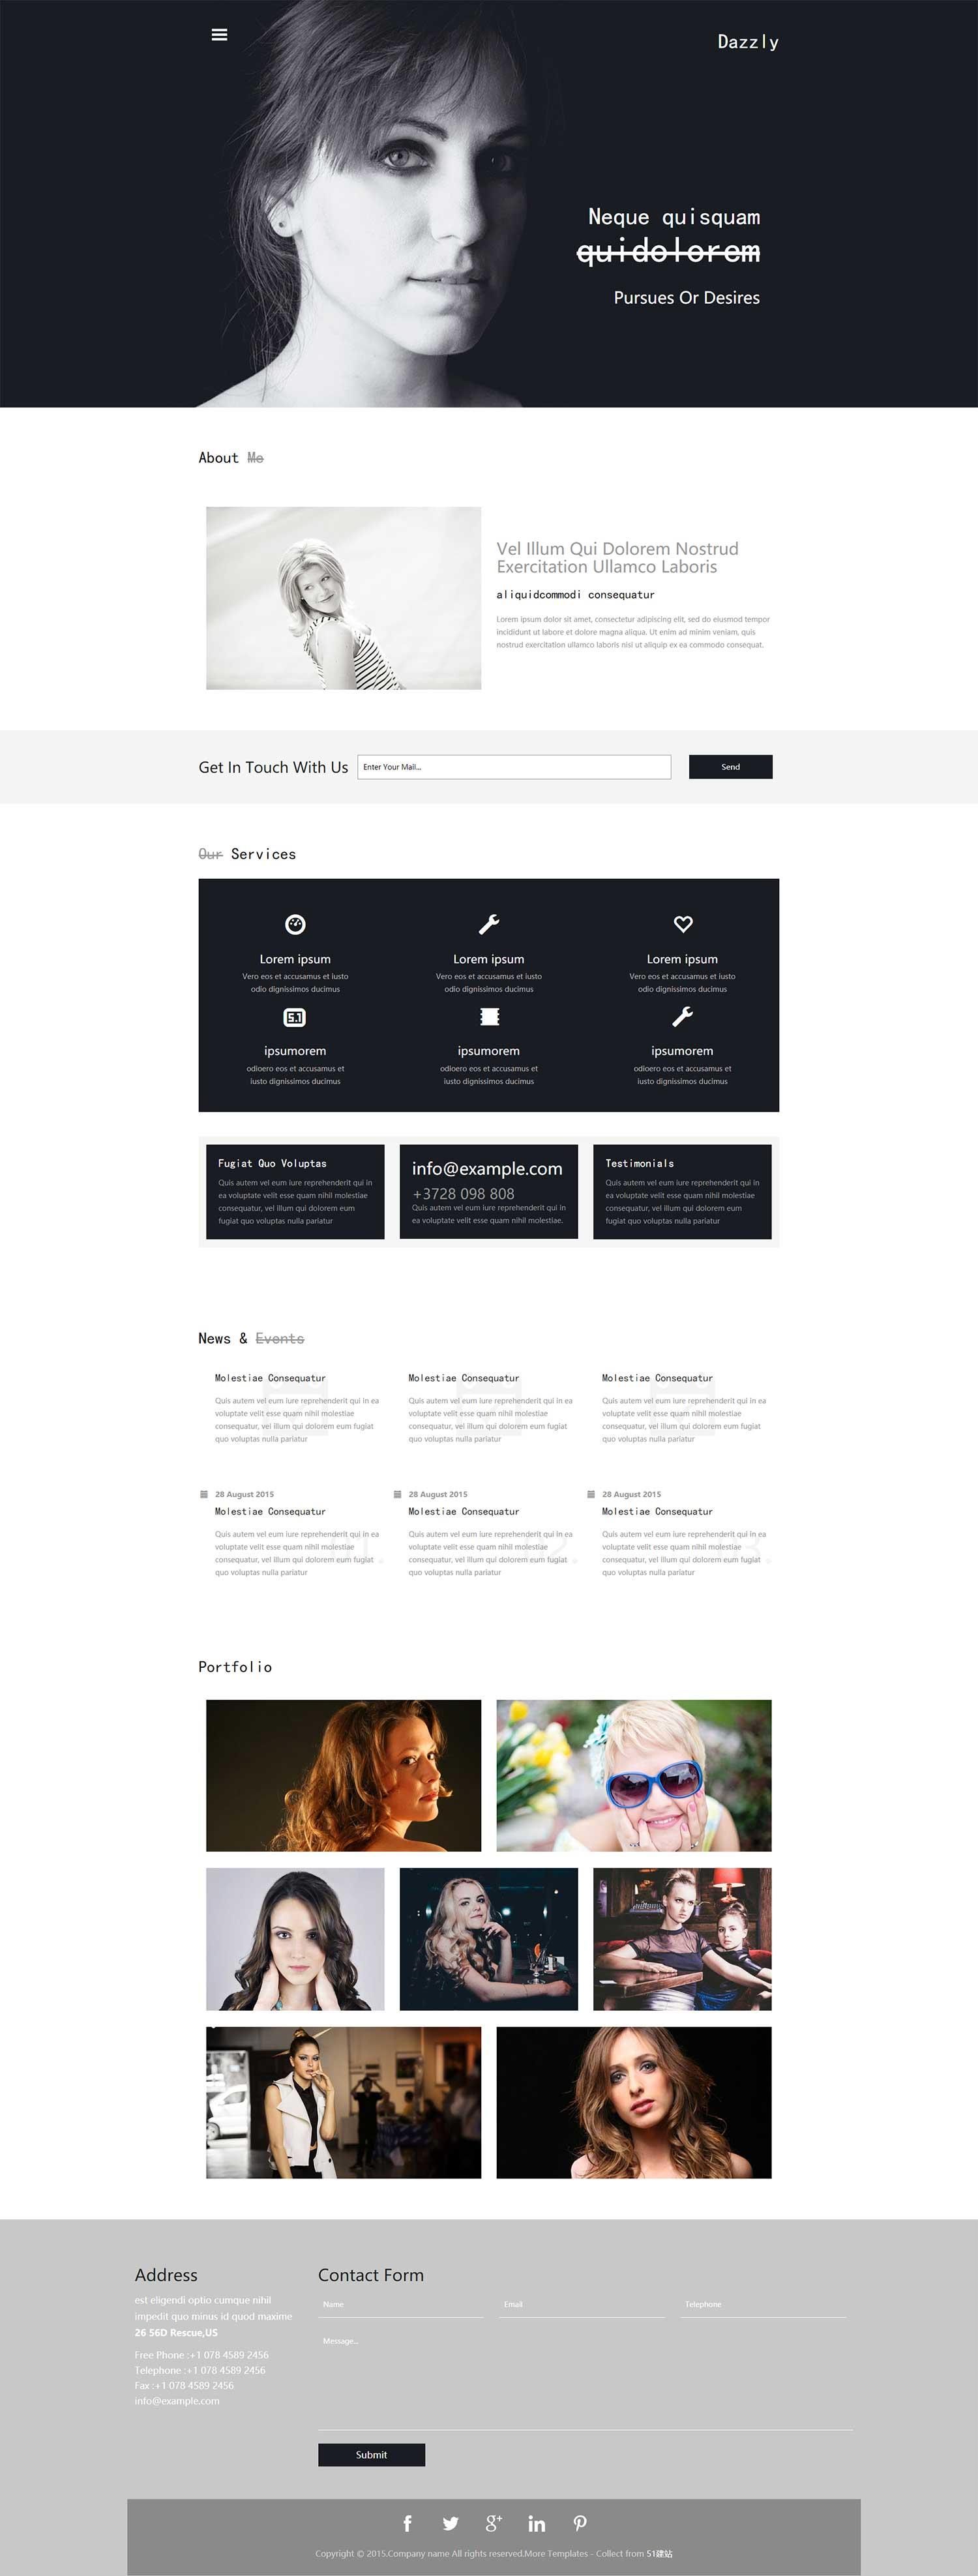 大气个人主页 bootstrap漂亮人像摄影工作室企业HTML5响应式模板